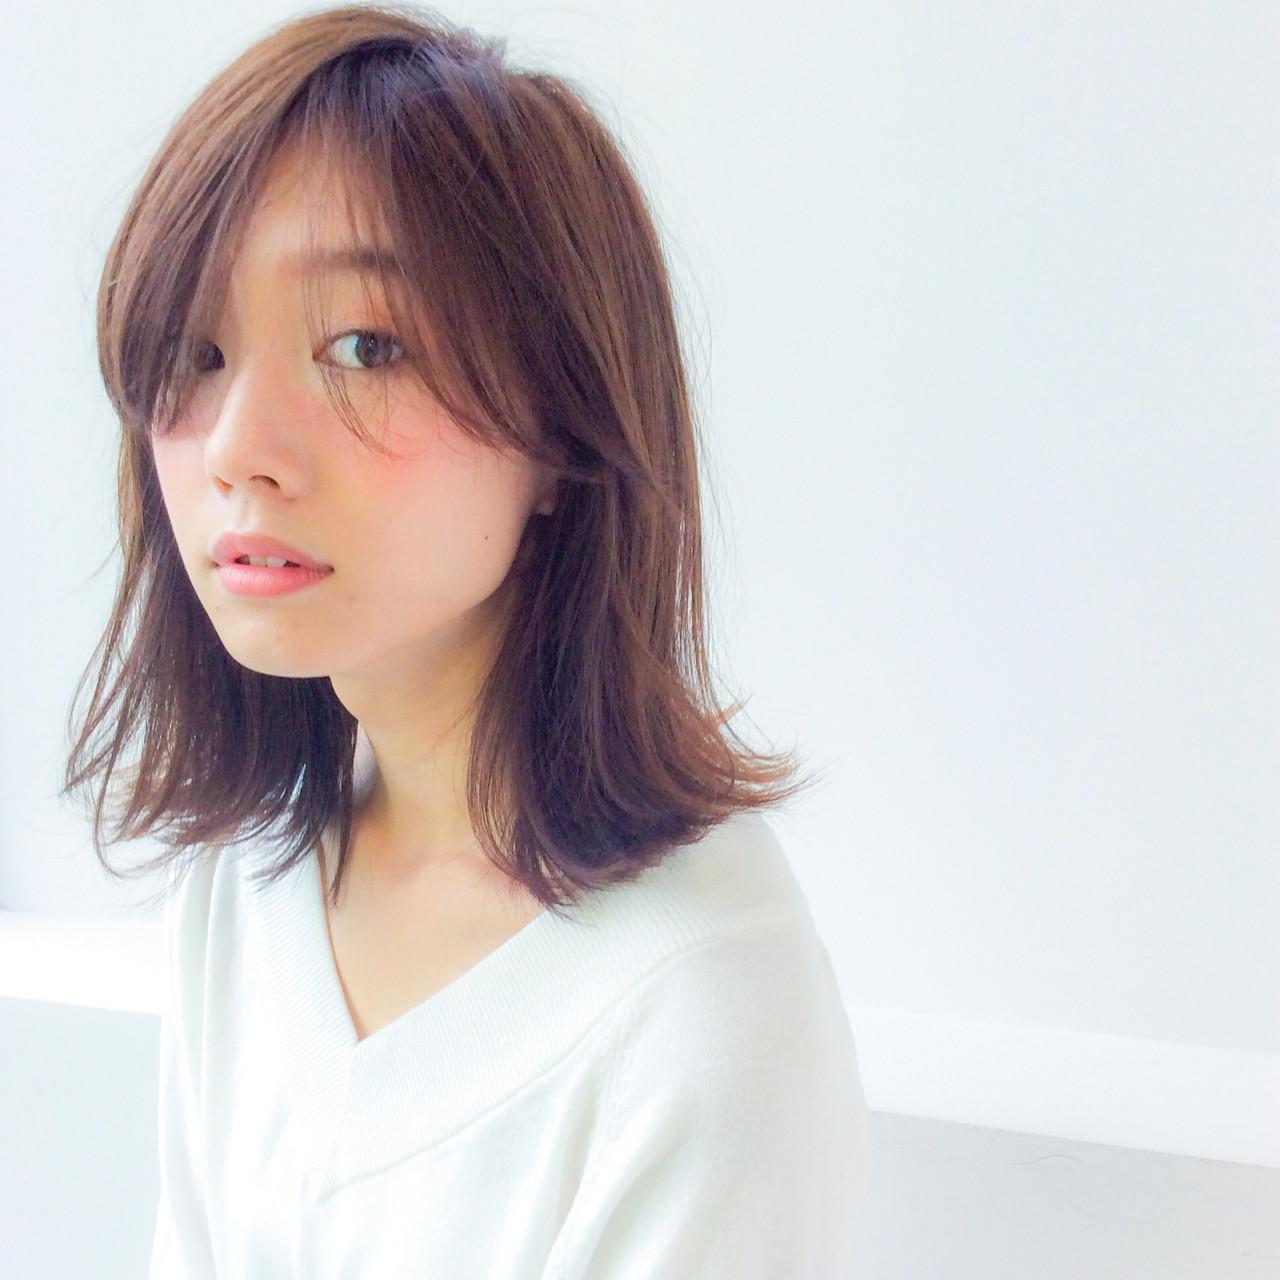 鎖骨で魅せる女らしさ。ファッション×ヘアスタイルで最大限の魅力を。 細田真吾 / Grow